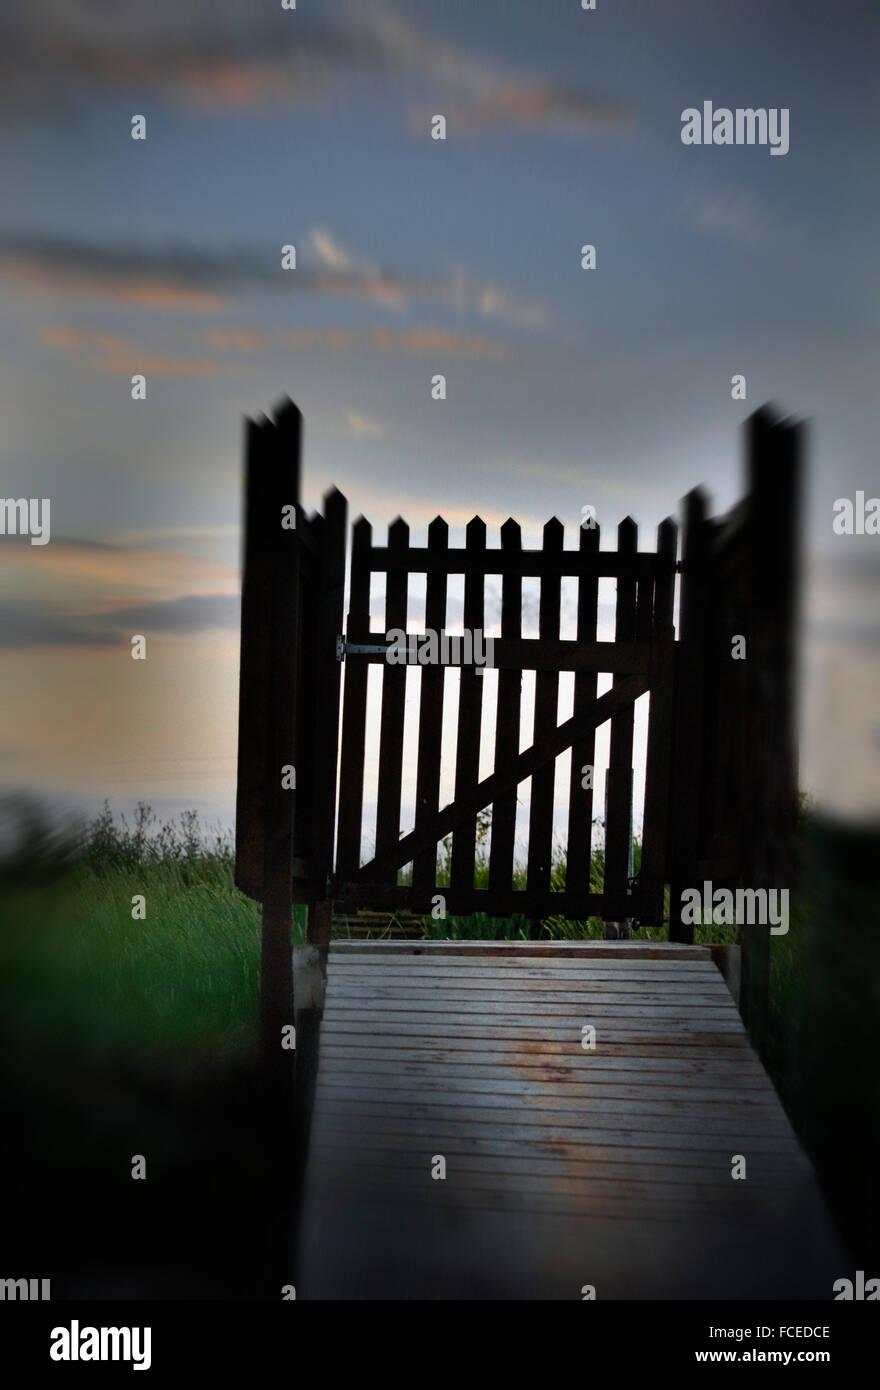 Porte d'entrée en bois Photo Stock